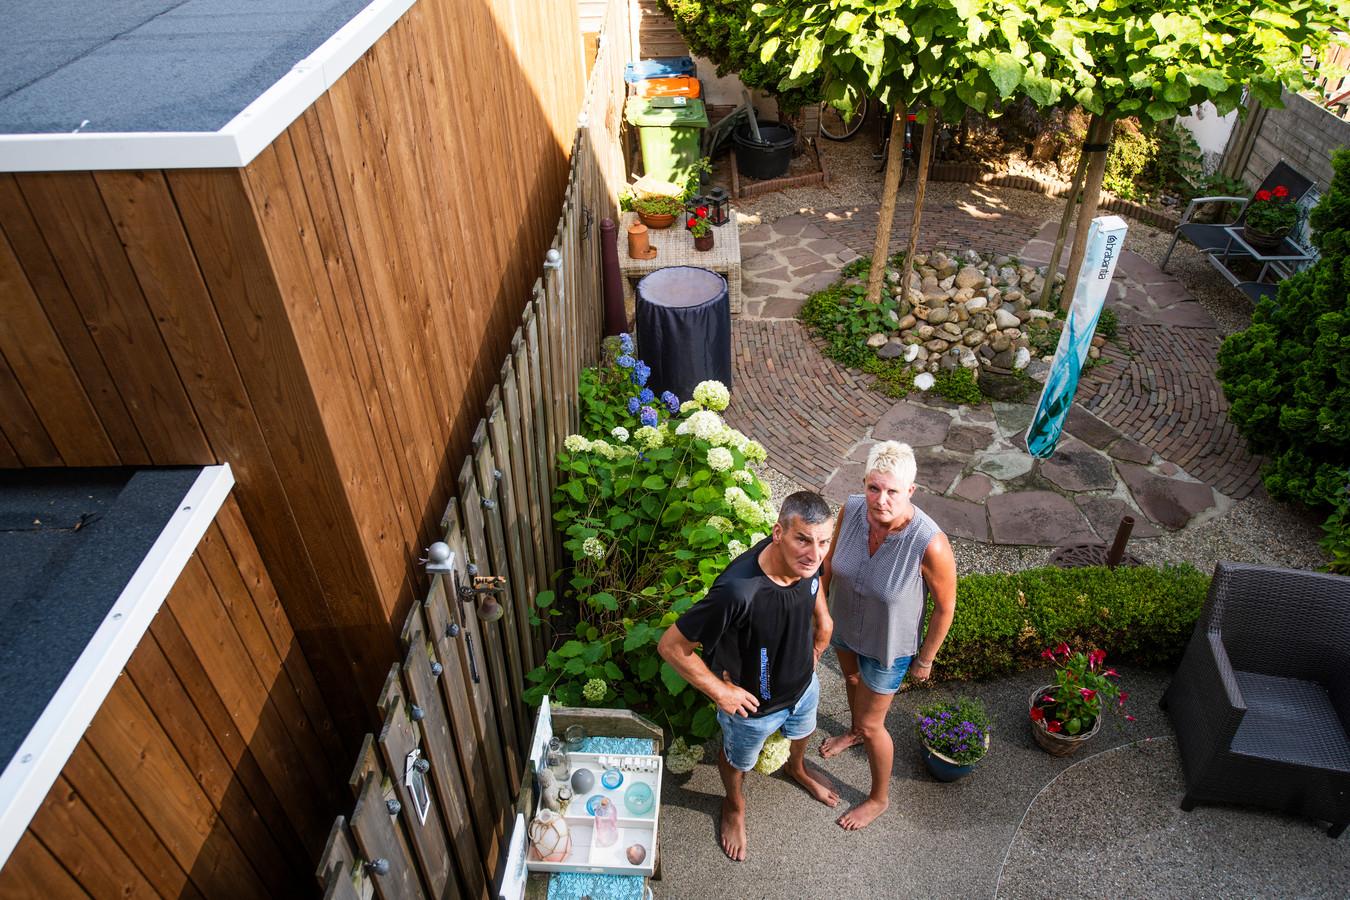 De zorgunit in achtertuin van buren. Zitten Meindert en Trudy de Haas opeens tegen een wand van 3 meter hoog en 6 meter lang aan te kijken. © Maarten Sprangh